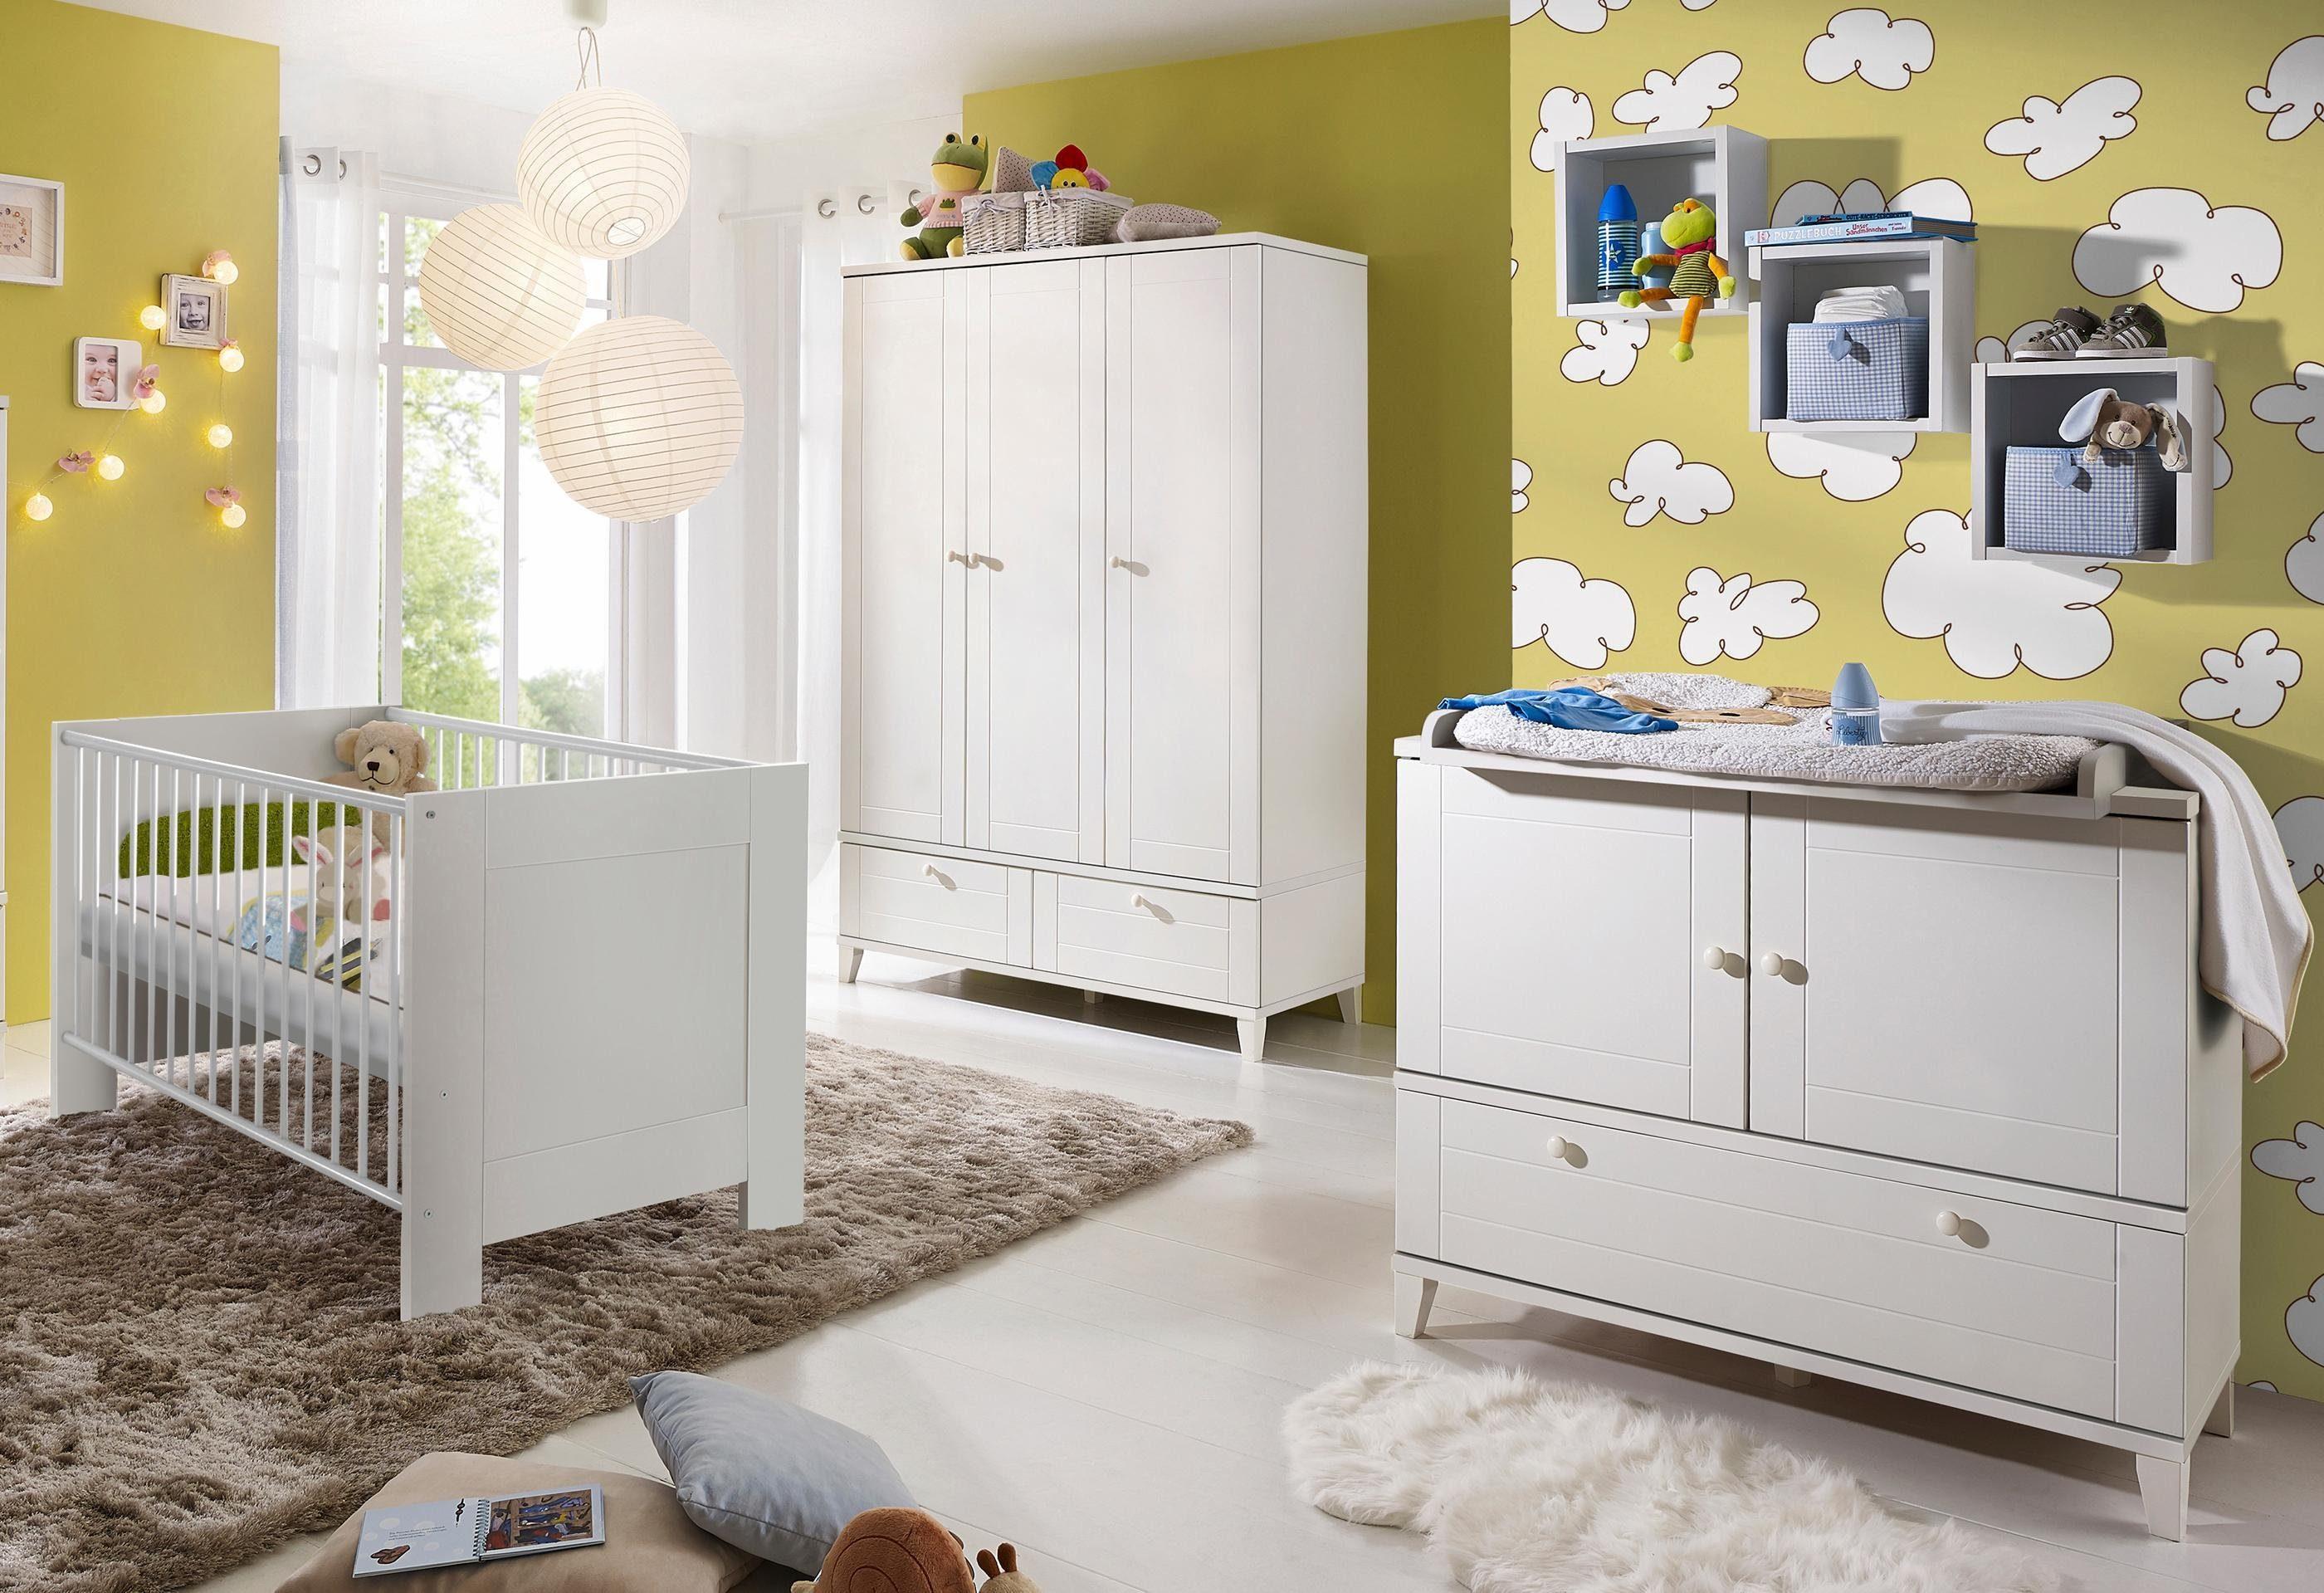 Komplett Babyzimmer »Bella weiß« im Landhausstil: Babybett + Wickelkommode + Schrank, (3-tlg.)